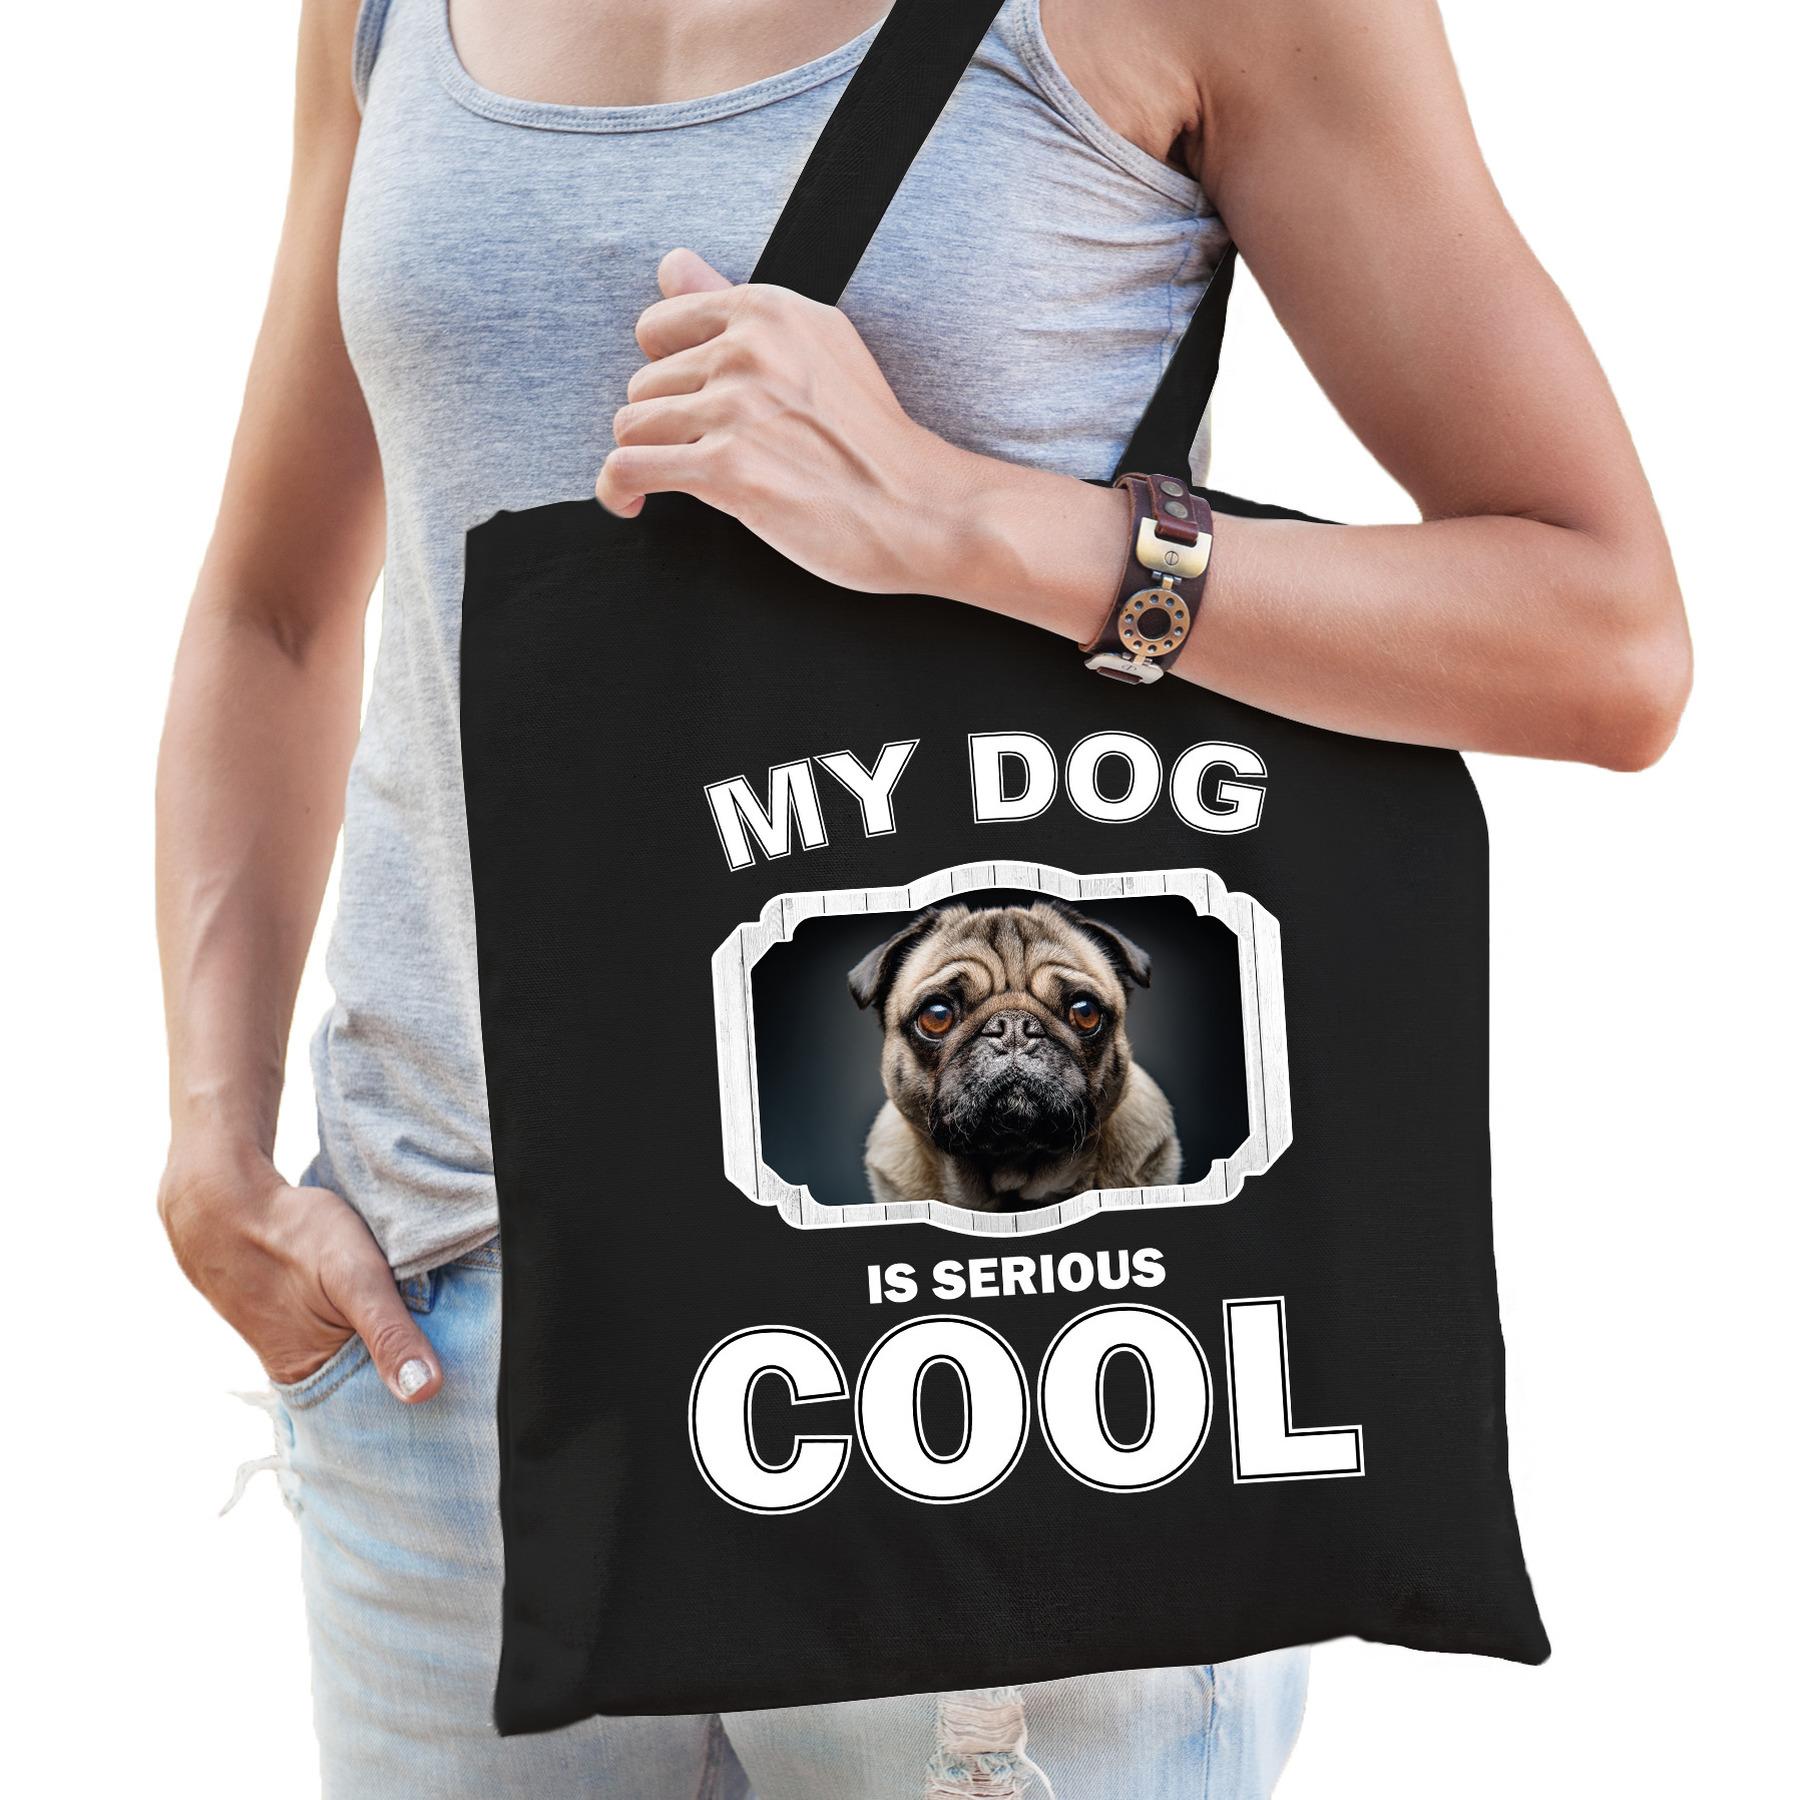 Katoenen tasje my dog is serious cool zwart - mopshond honden cadeau tas